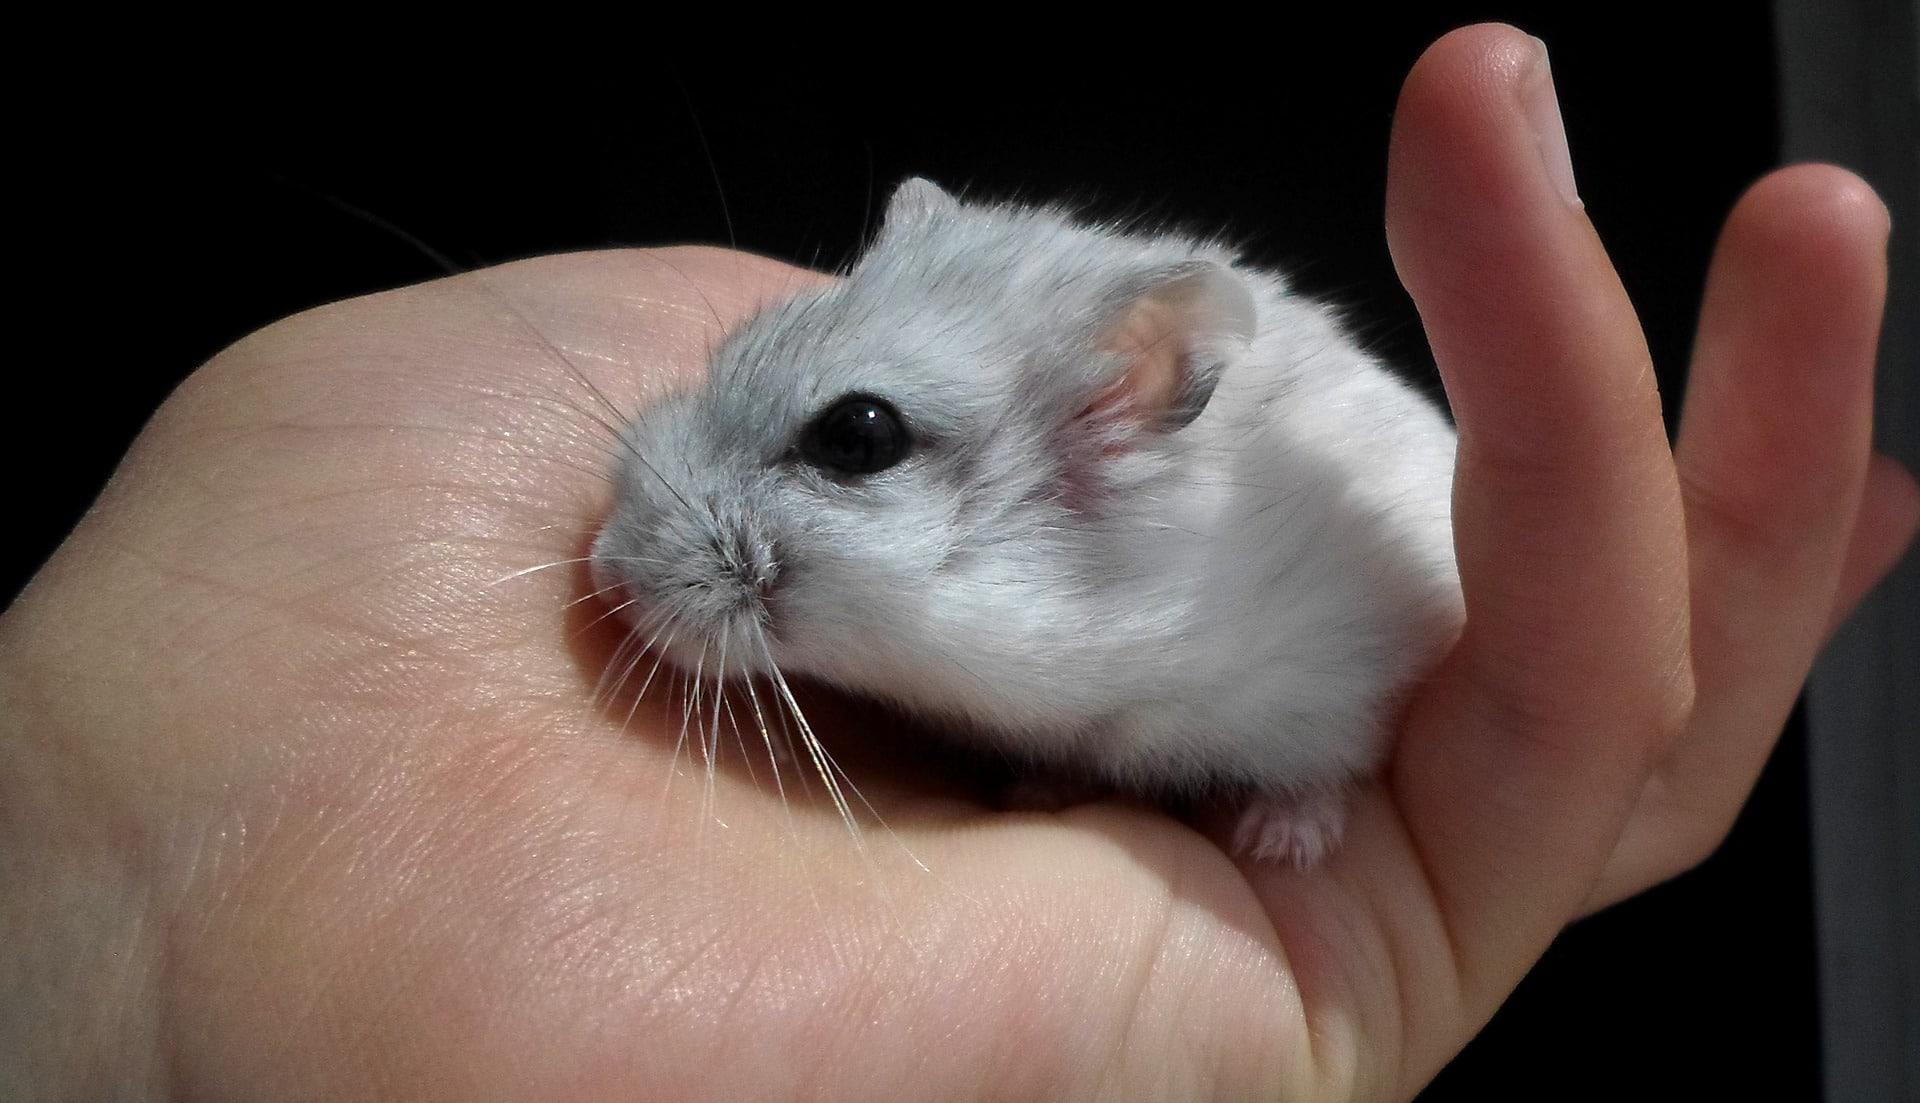 El hámster ruso es uno de los roedores más pequeños